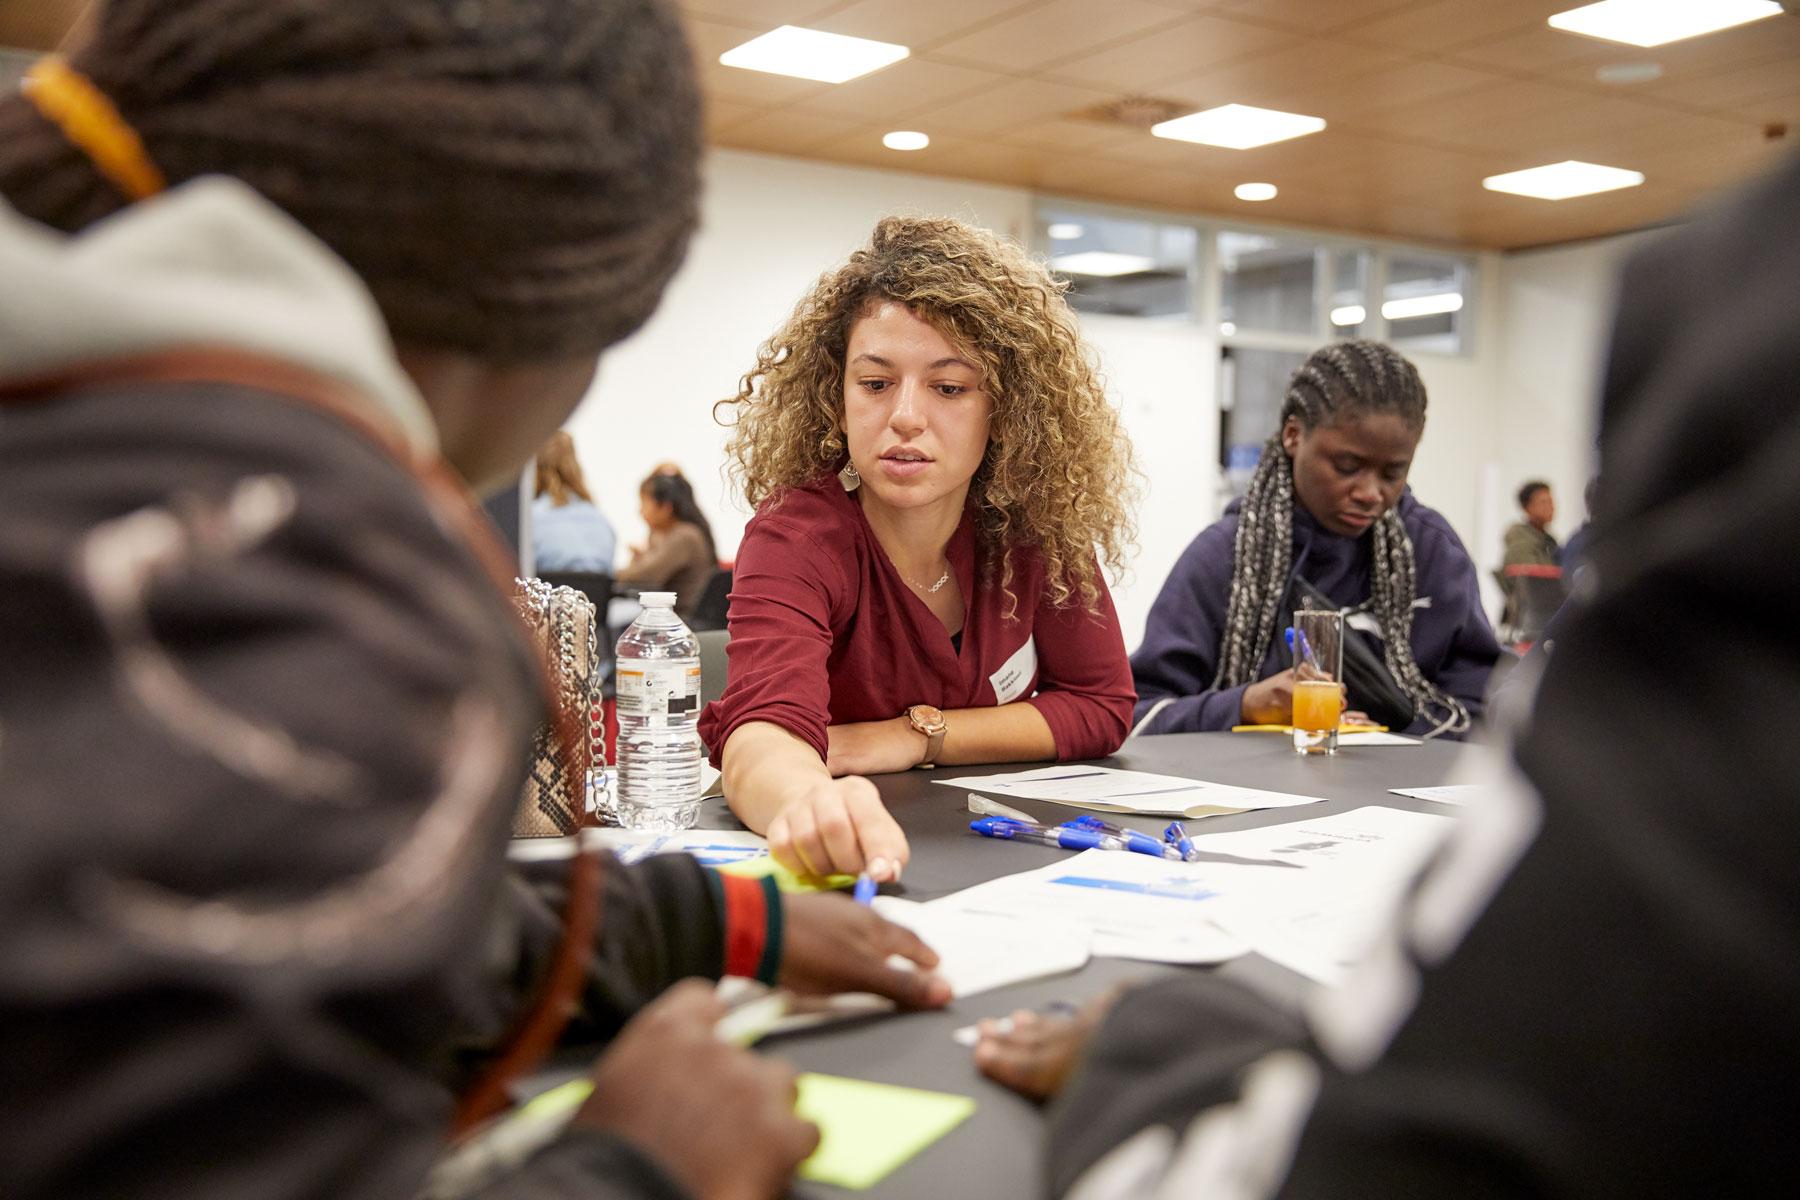 Imane discute avec d'autres jeunes à propos des inégalités entre les hommes et les femmes